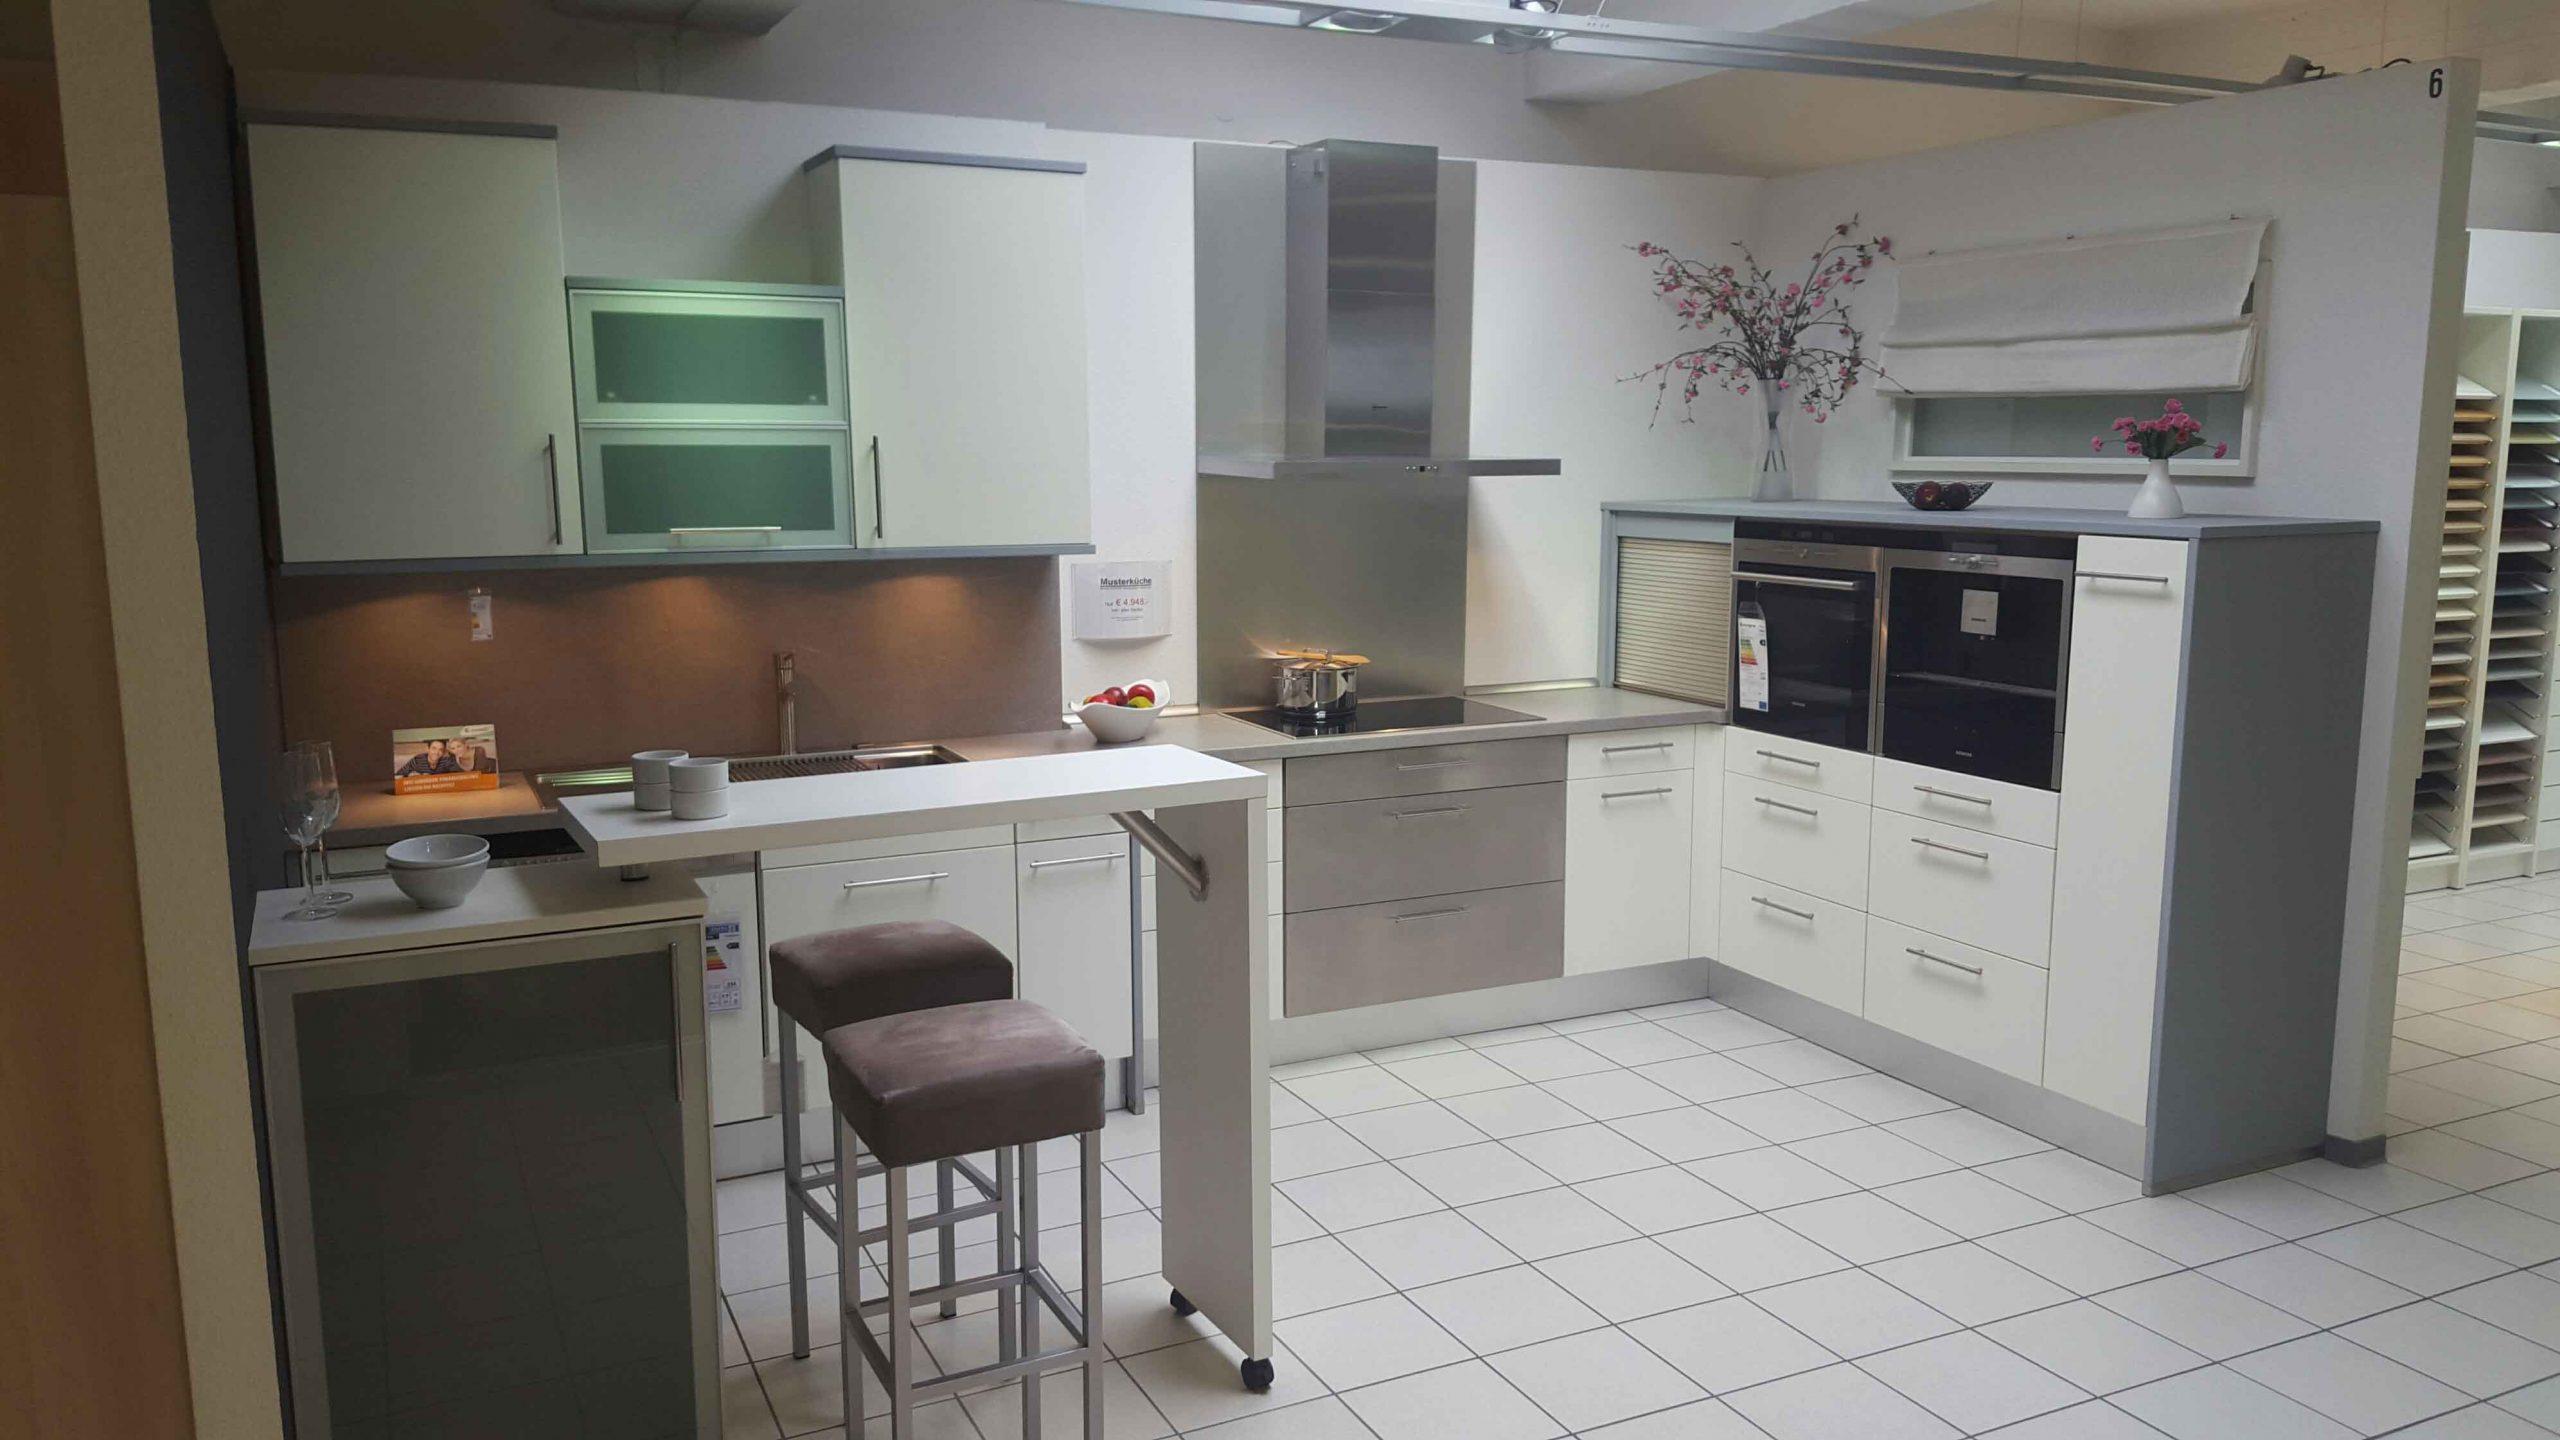 Full Size of Küchen Aufbewahrungsbehälter Komplette Kche Landhaus L Form Kaufen Ohne Khlschrank Bad Regal Küche Wohnzimmer Küchen Aufbewahrungsbehälter